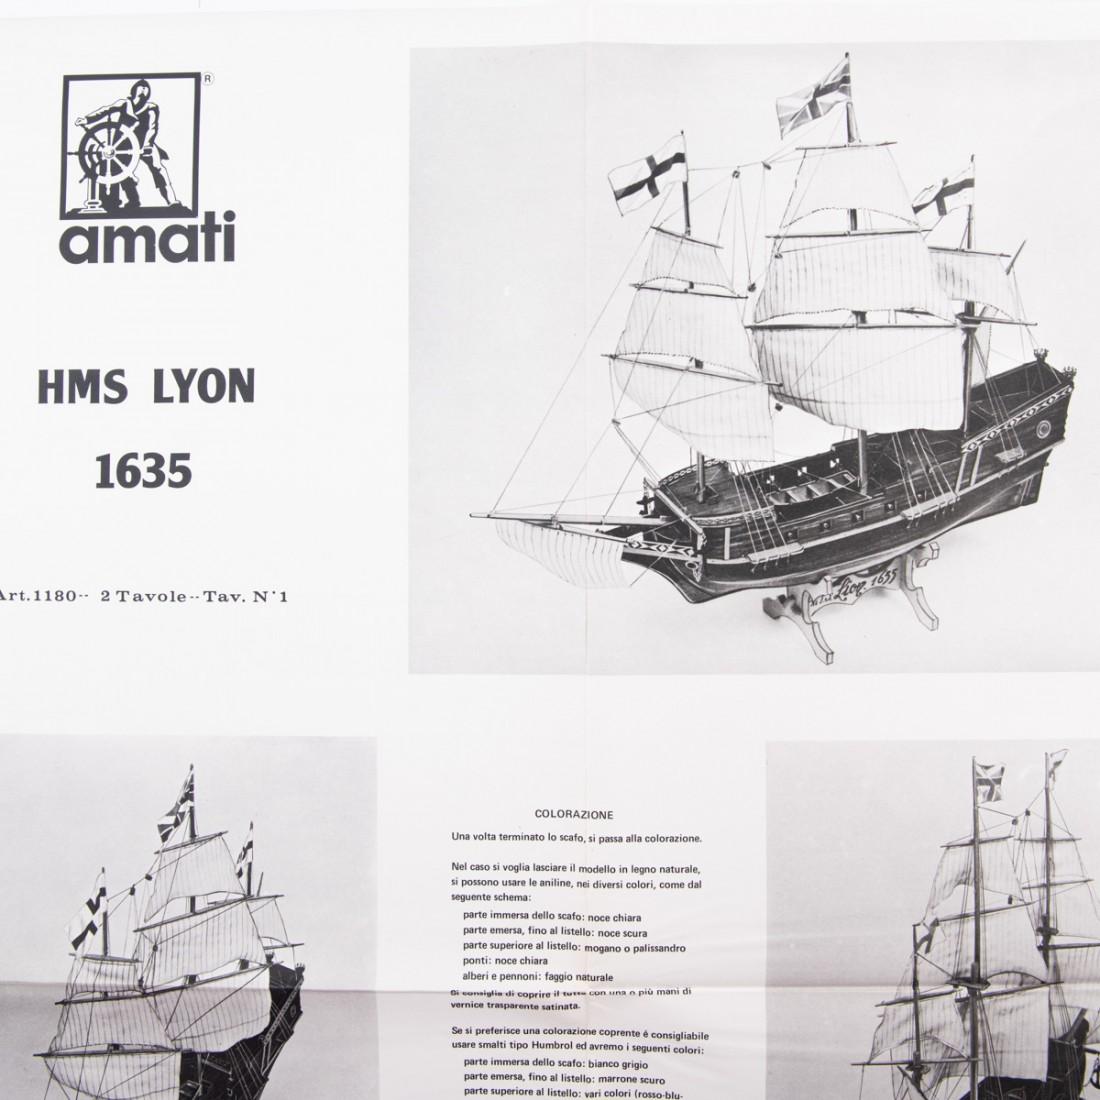 Piano costruzione Lyon - Vascello 1635